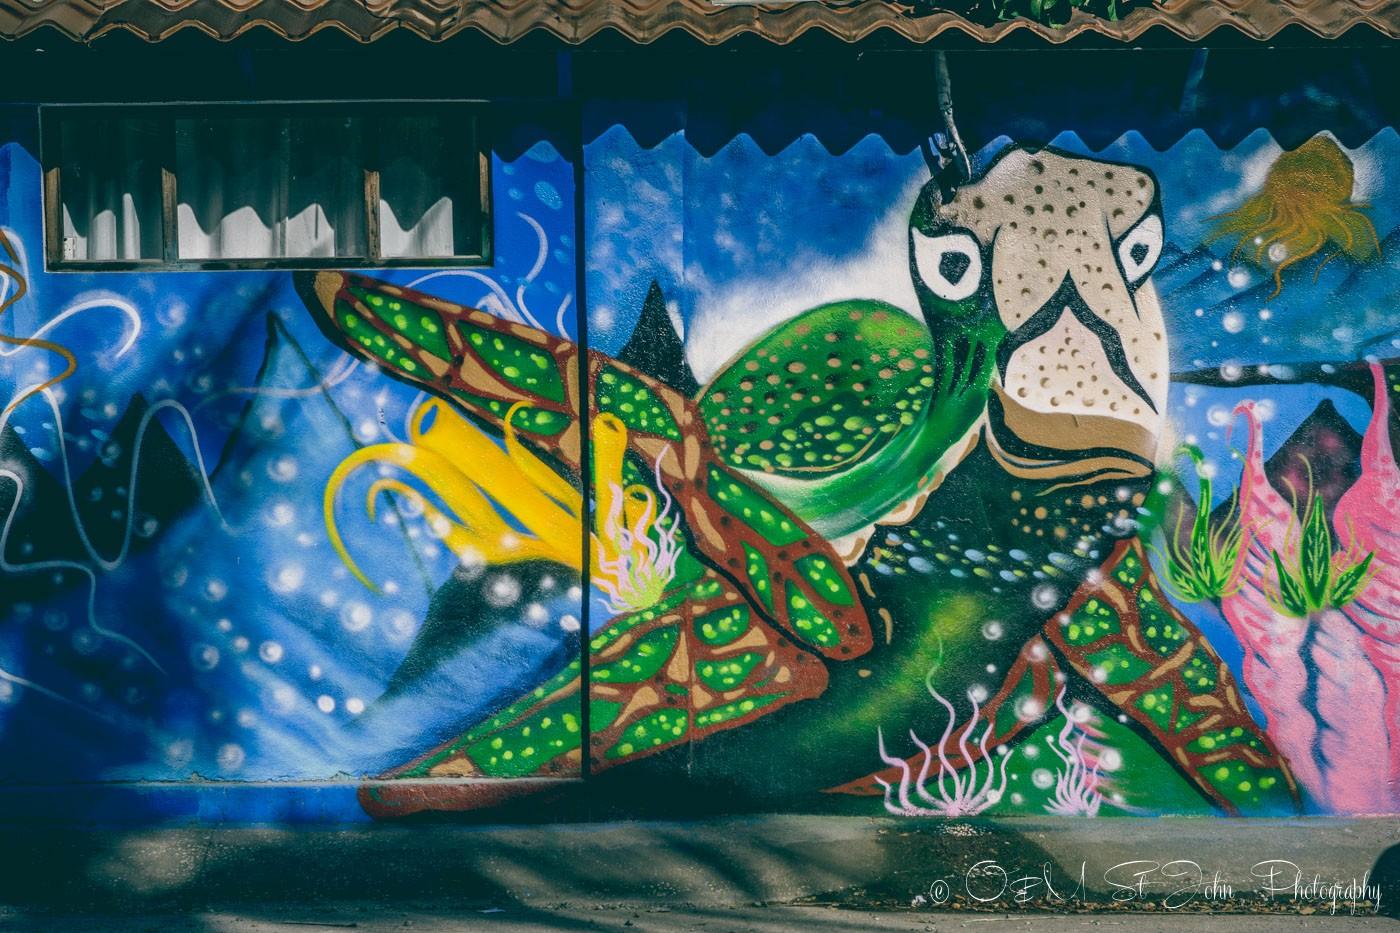 Wall art in Samara Costa Rica